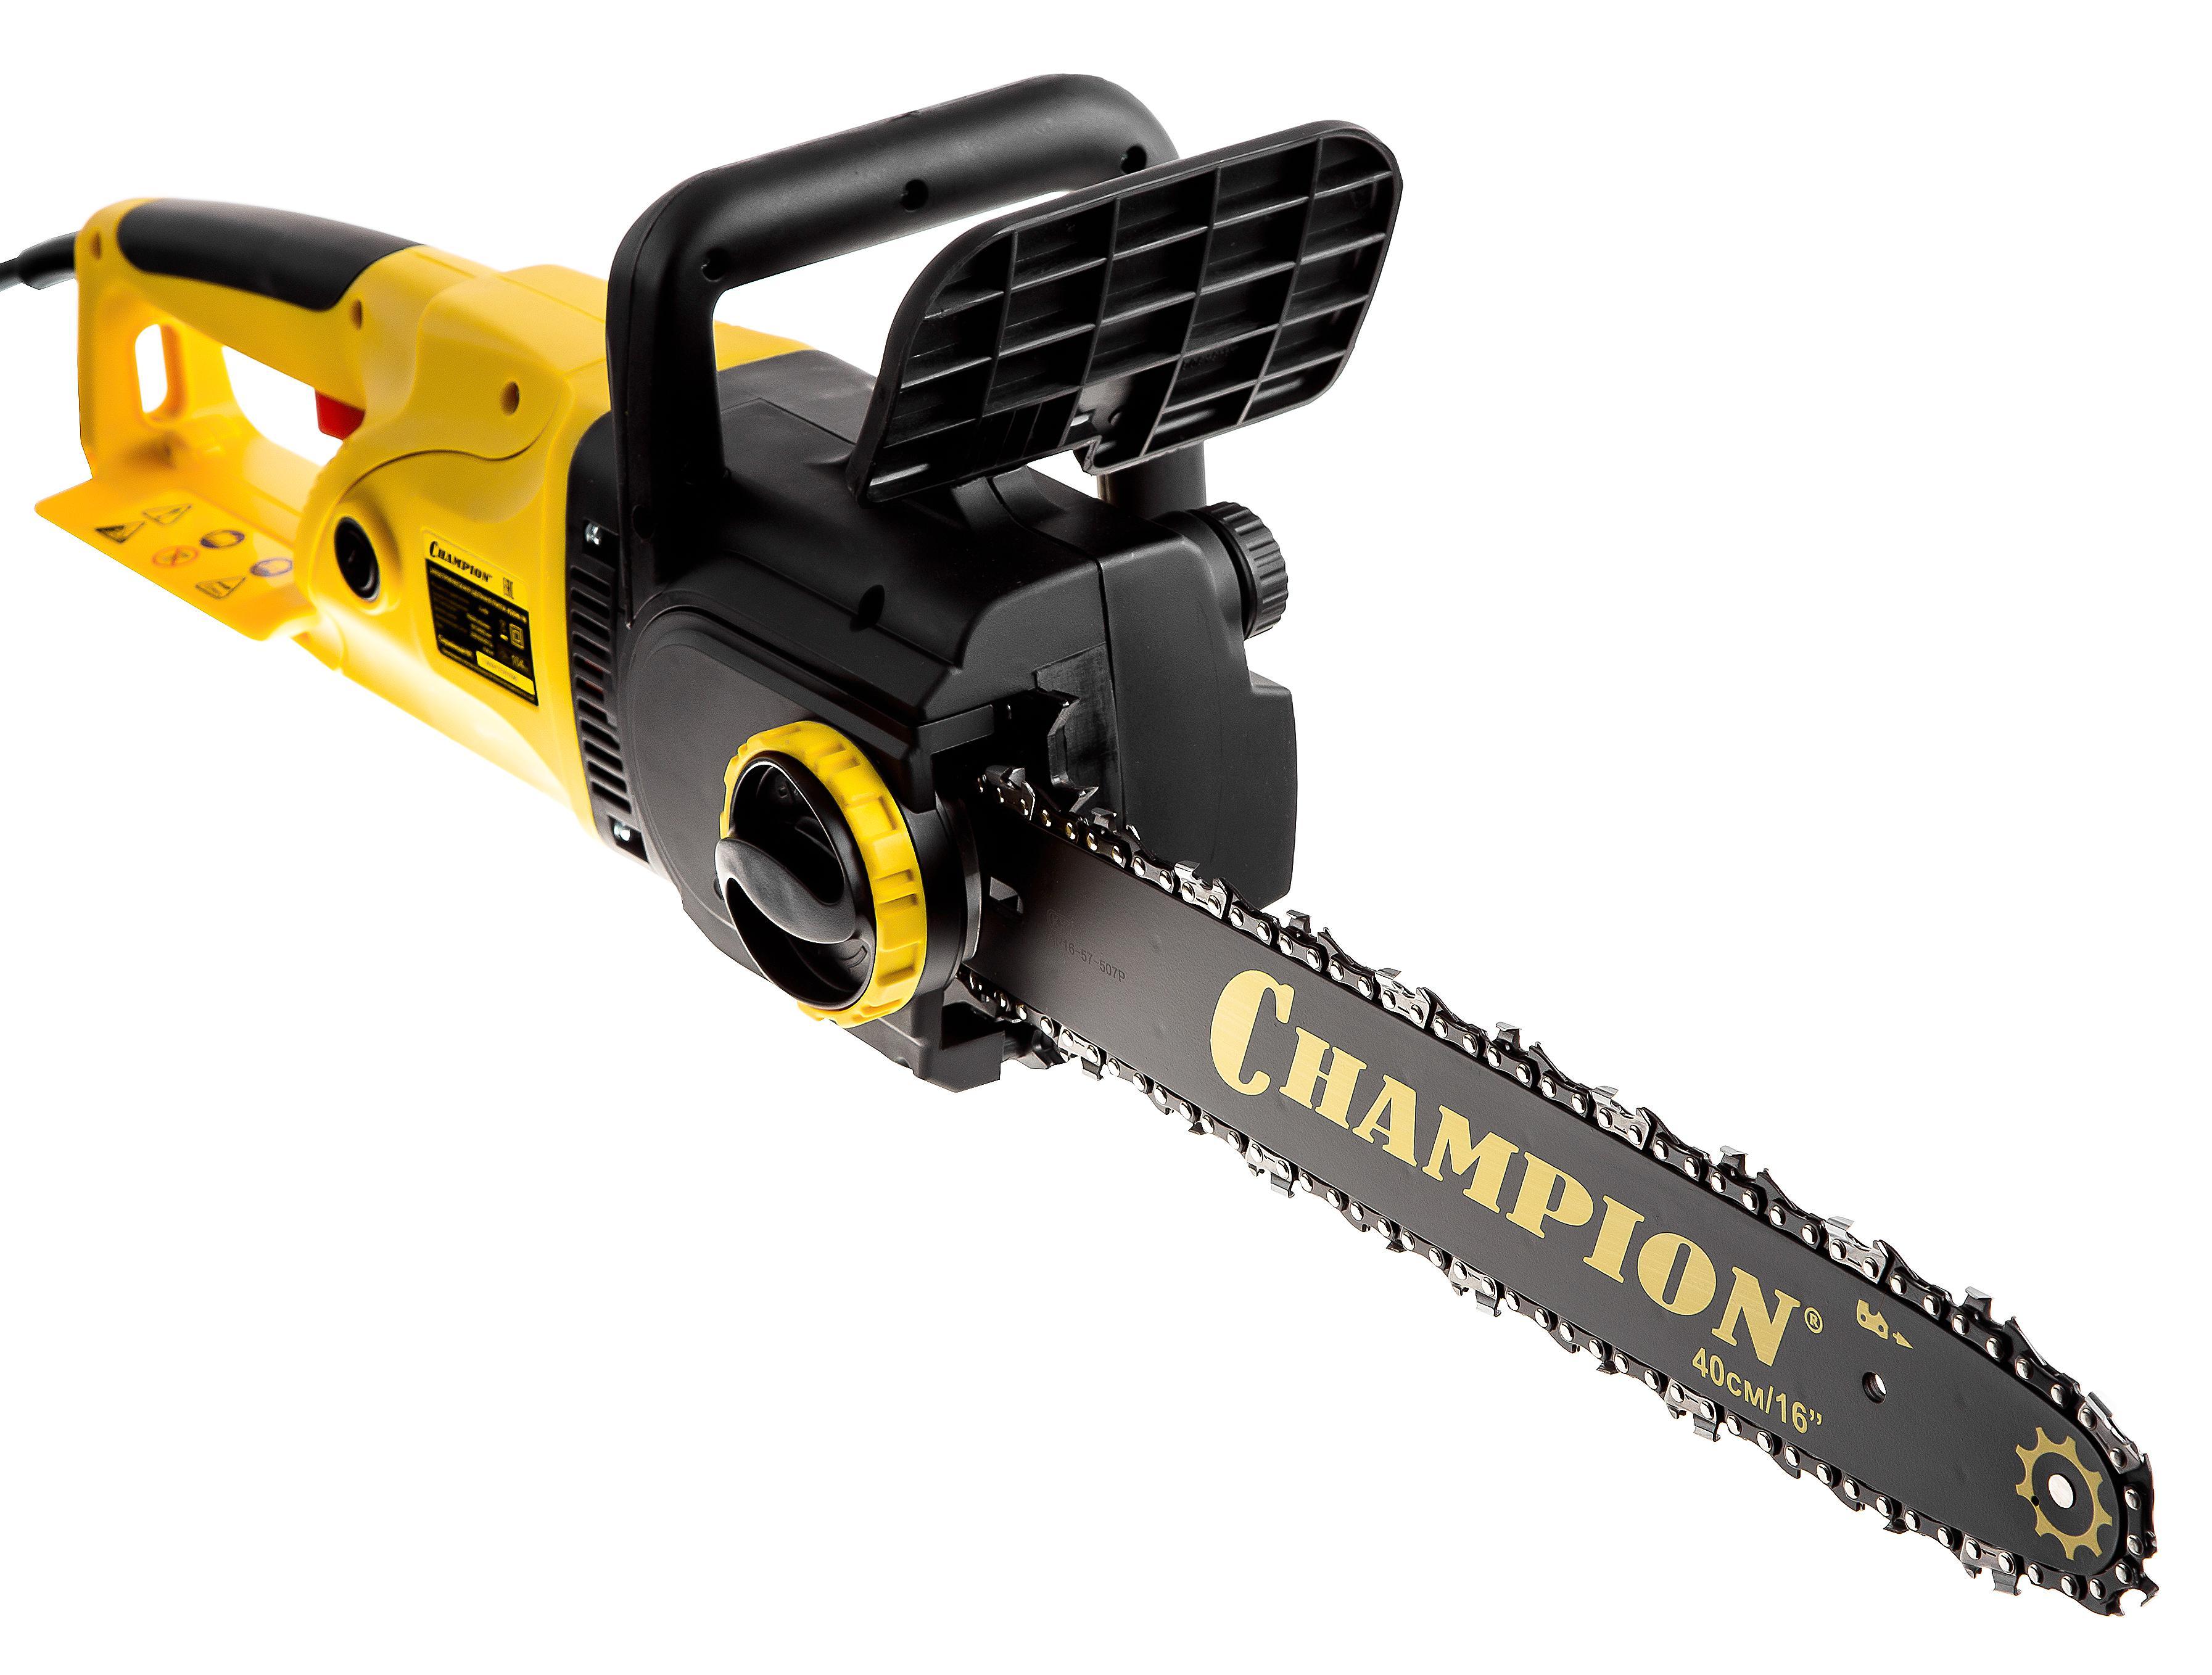 Пила цепная Champion 420n-16